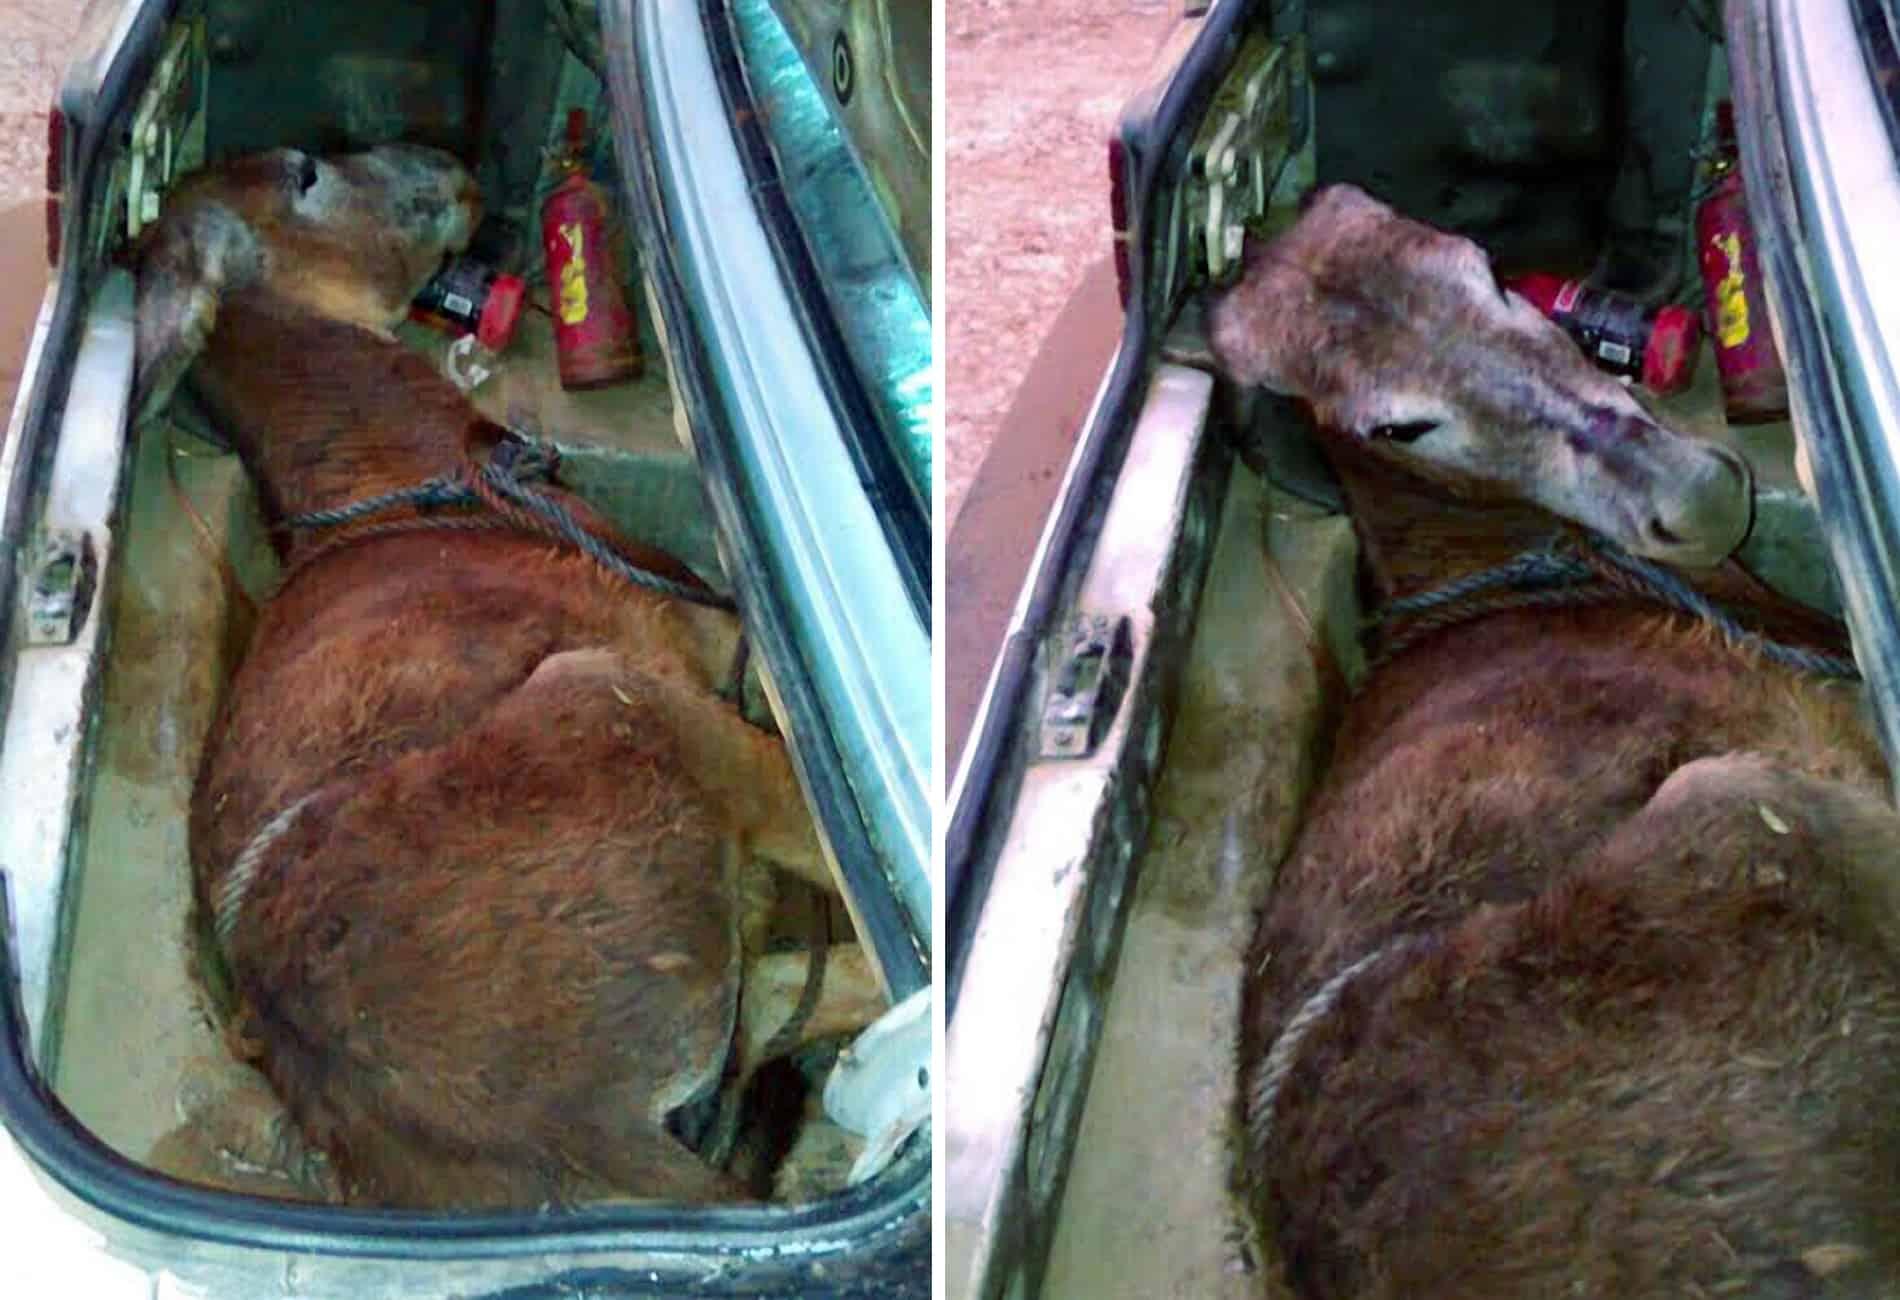 A mule in the trunk of a car.